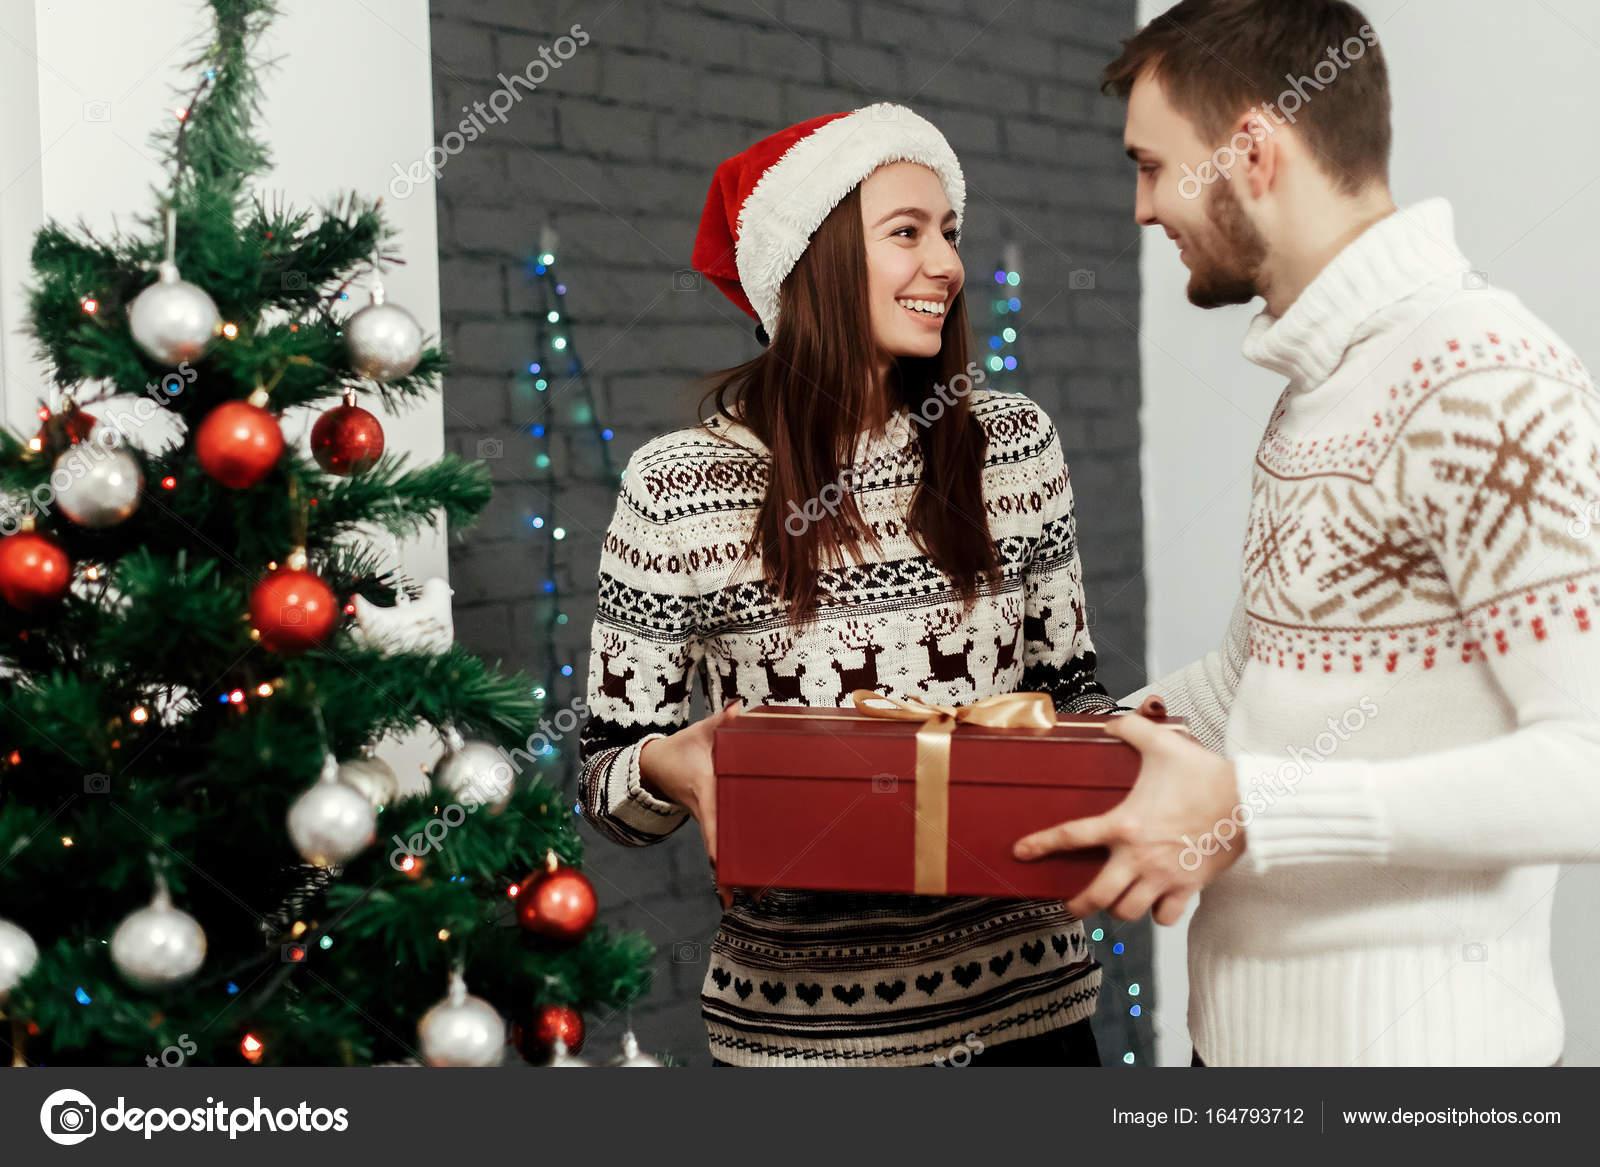 Mann Frau Weihnachtsgeschenk — Stockfoto © Sonyachny #164793712